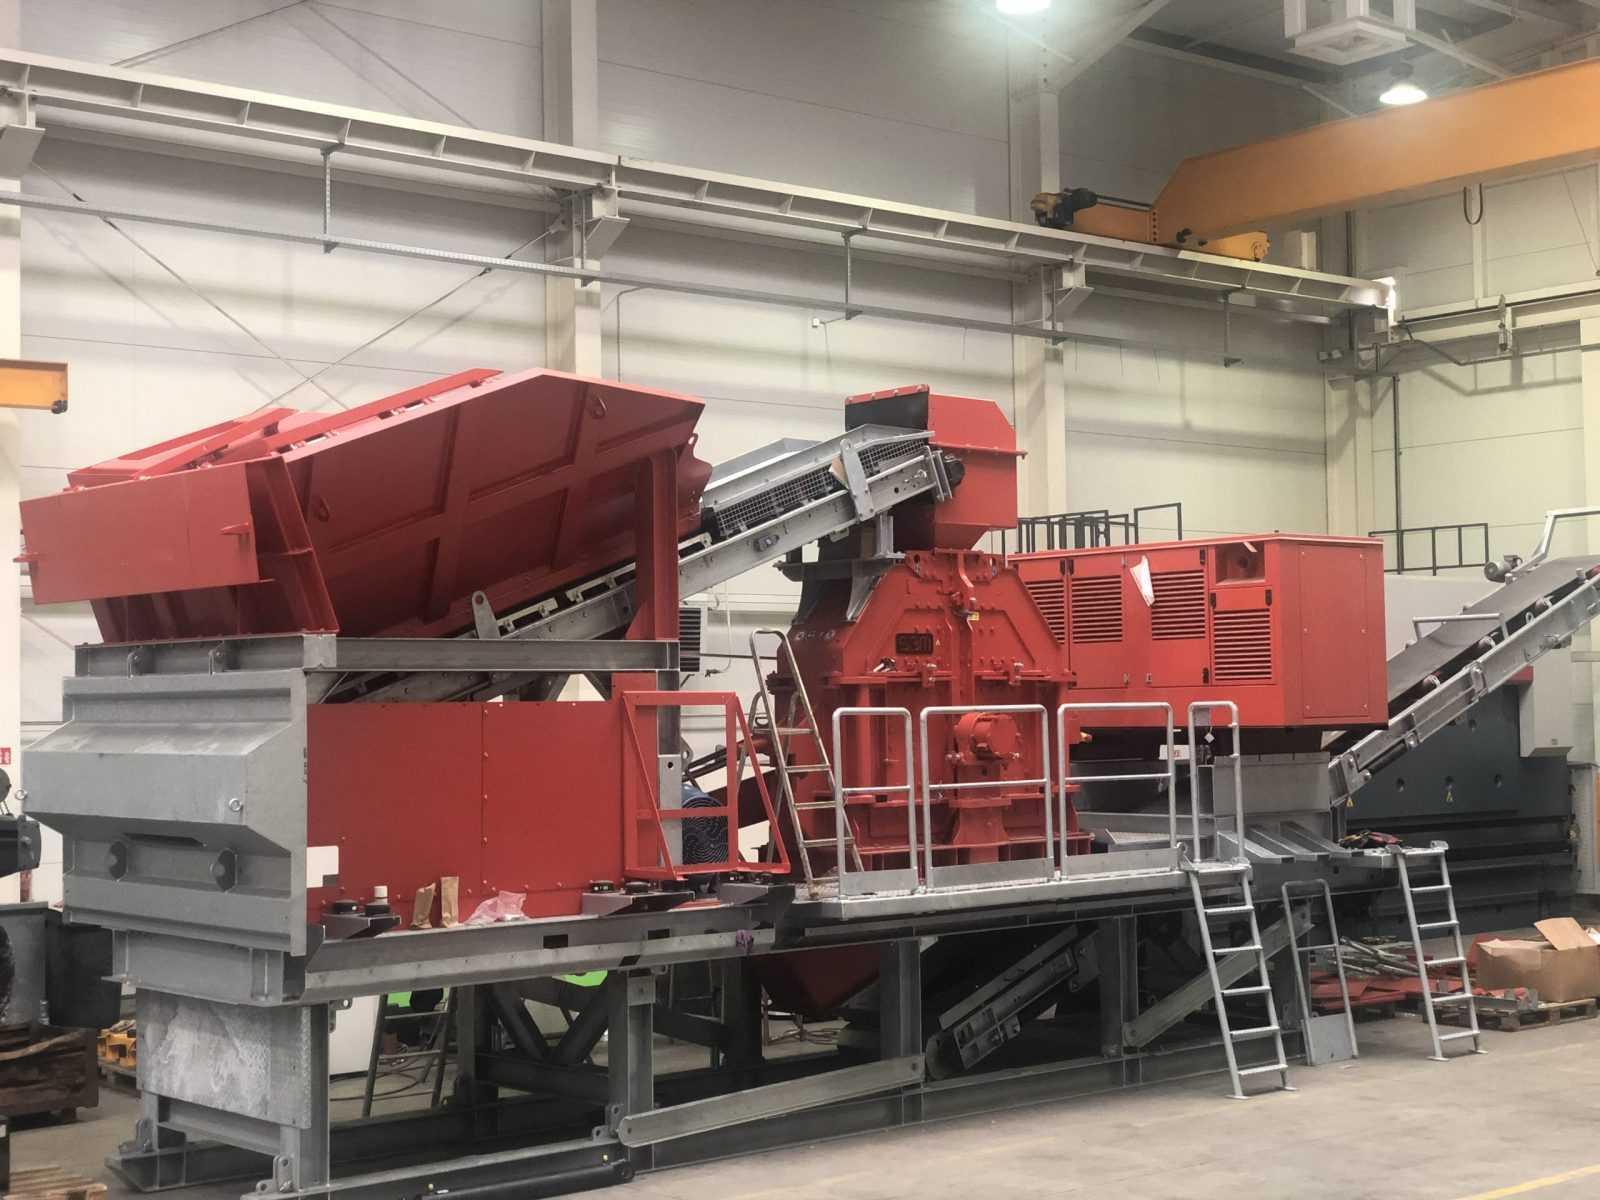 fullmet-stål-maskin-gruvedrift maskiner2